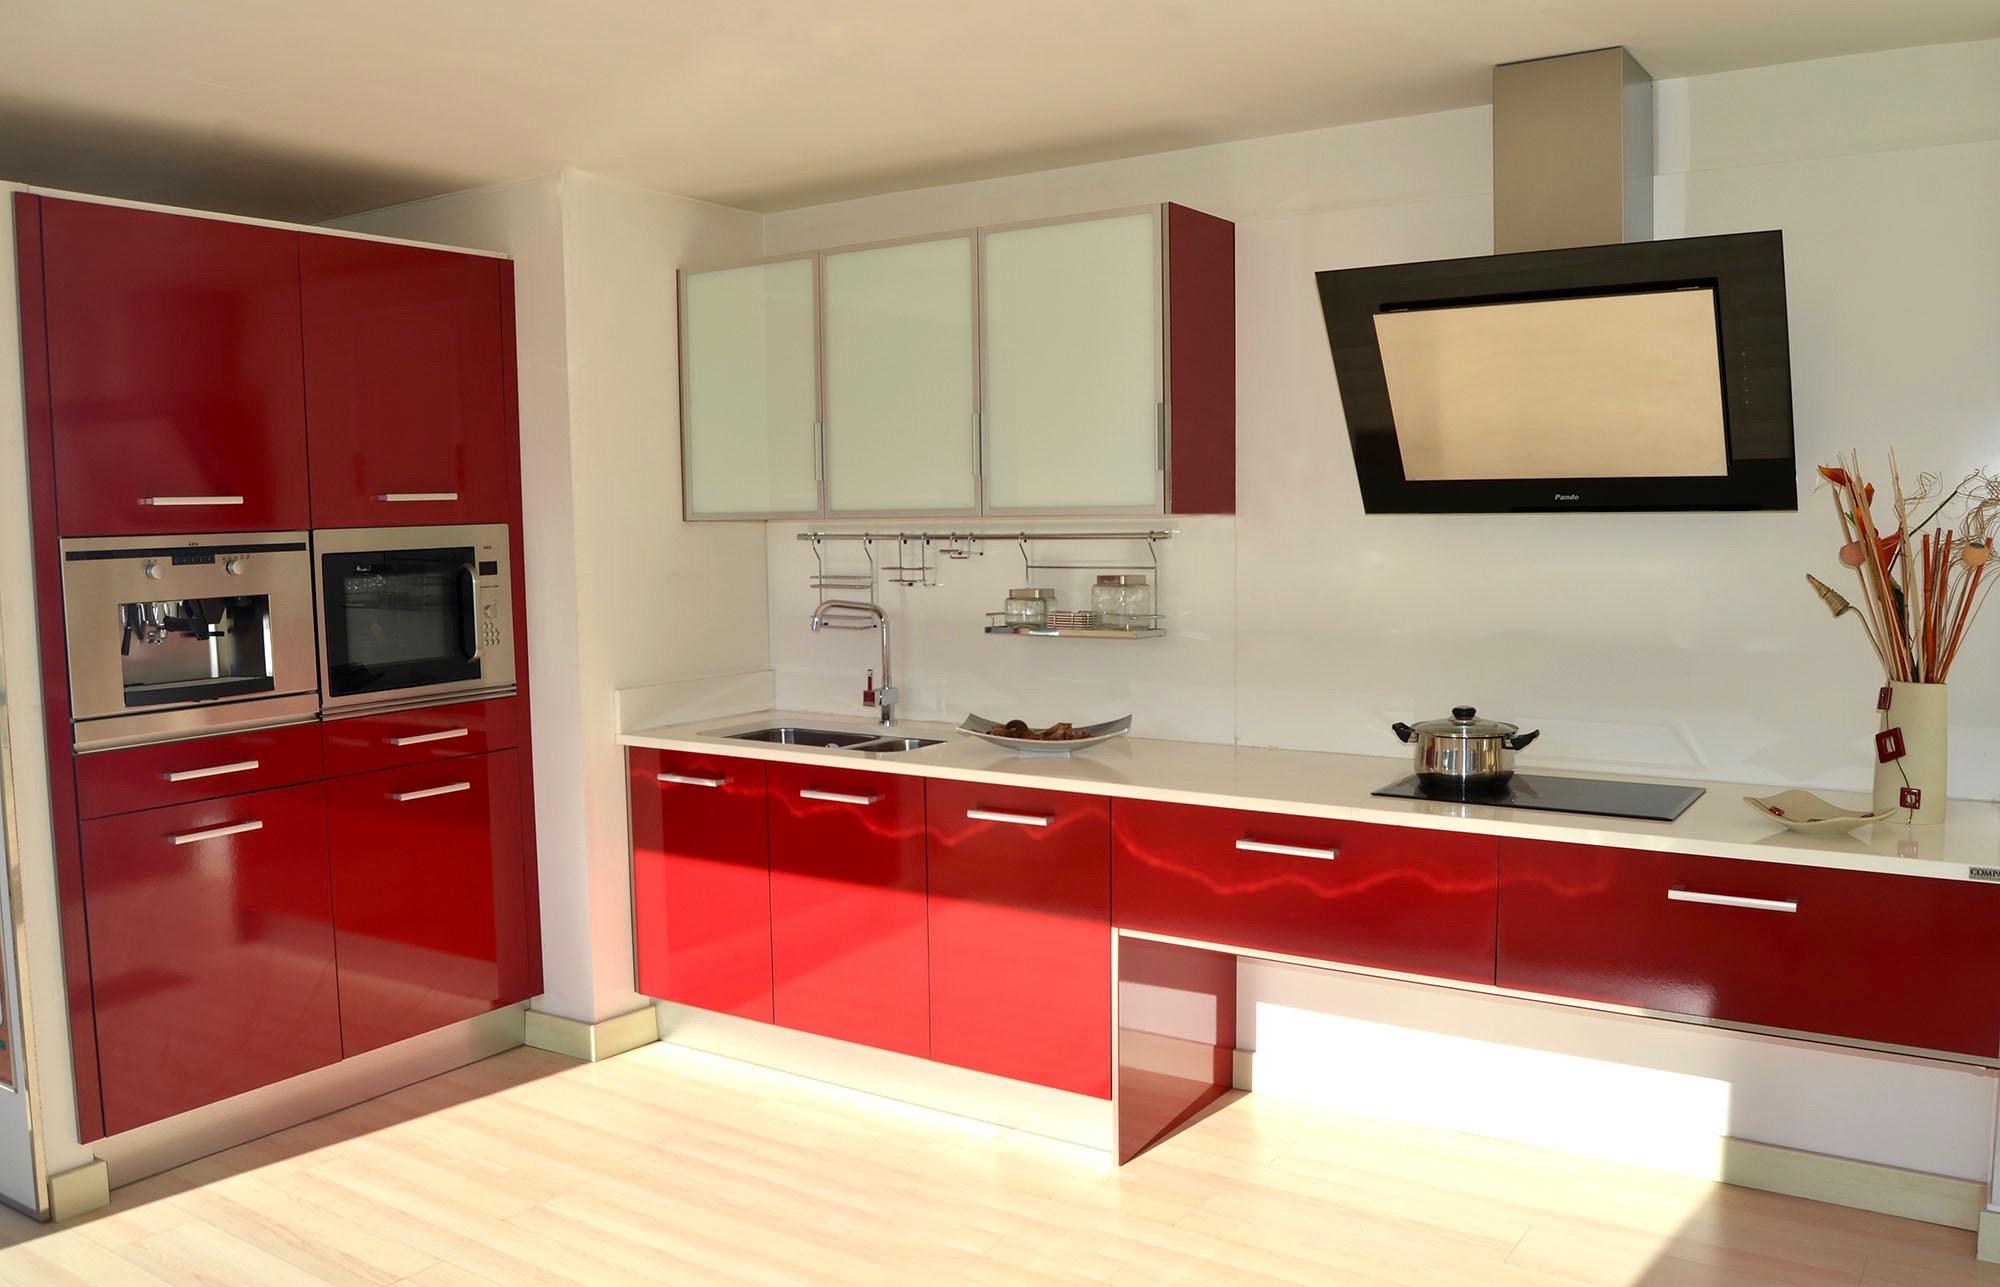 Nuestras cocinas elegantes02 josman hermanos tienda de for Cocinas y banos modernos